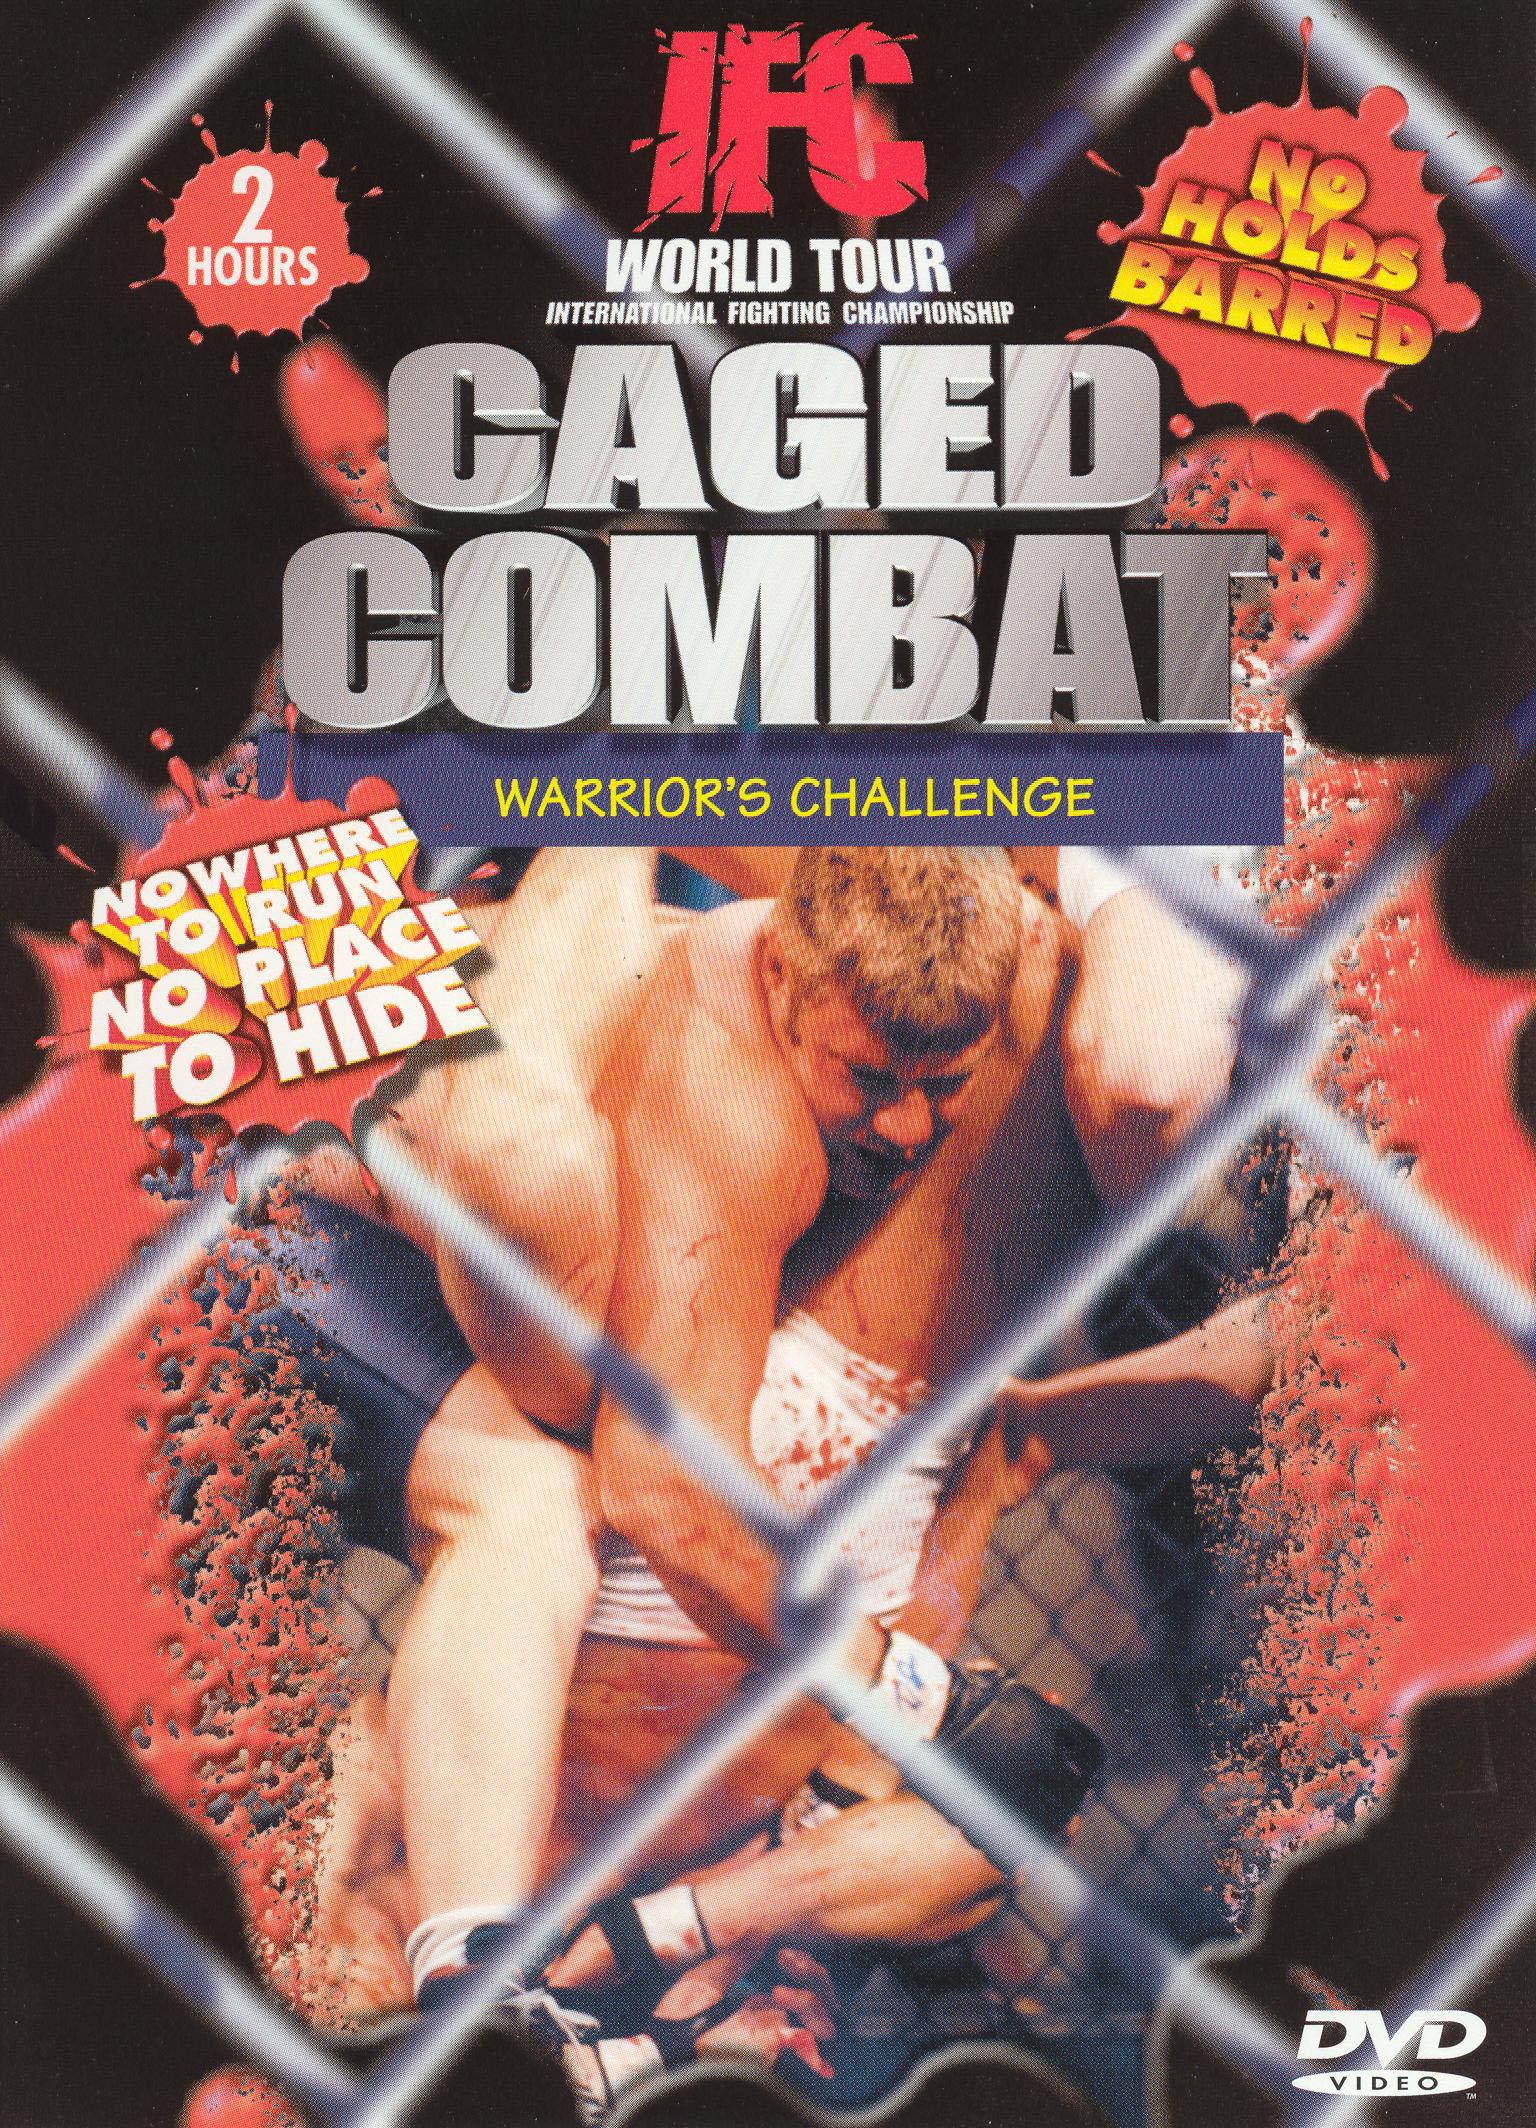 IFC World Tour: Caged Combat - Warrior's Challenge